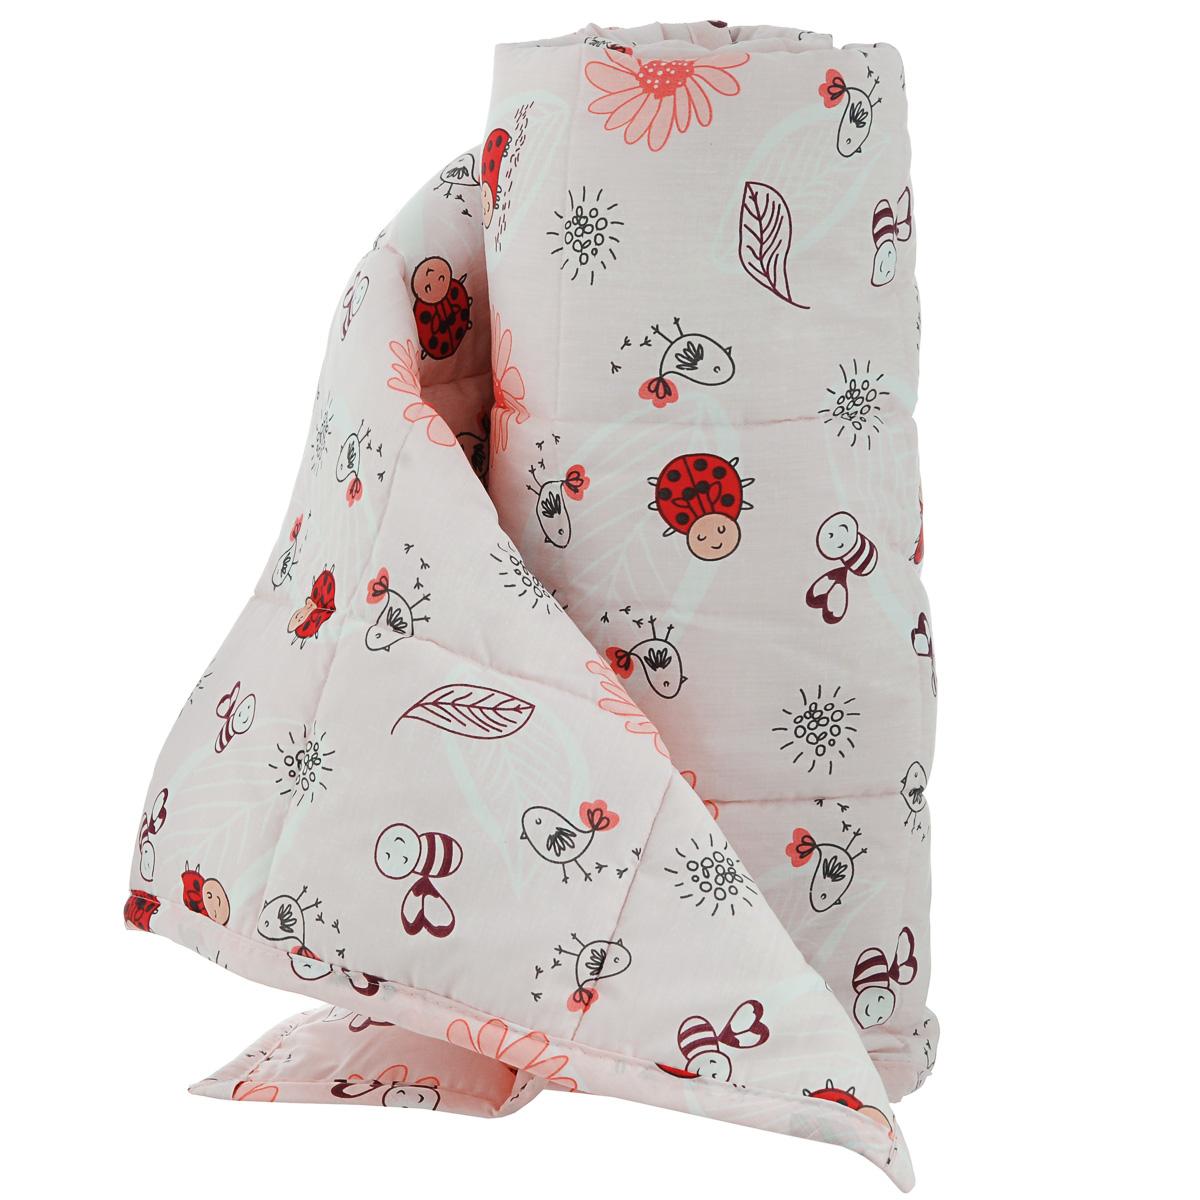 Одеяло детское Baby Nice Божьи коровки, стеганое, цвет: красный, 110 см x 140 см. Q0412123Q0412123